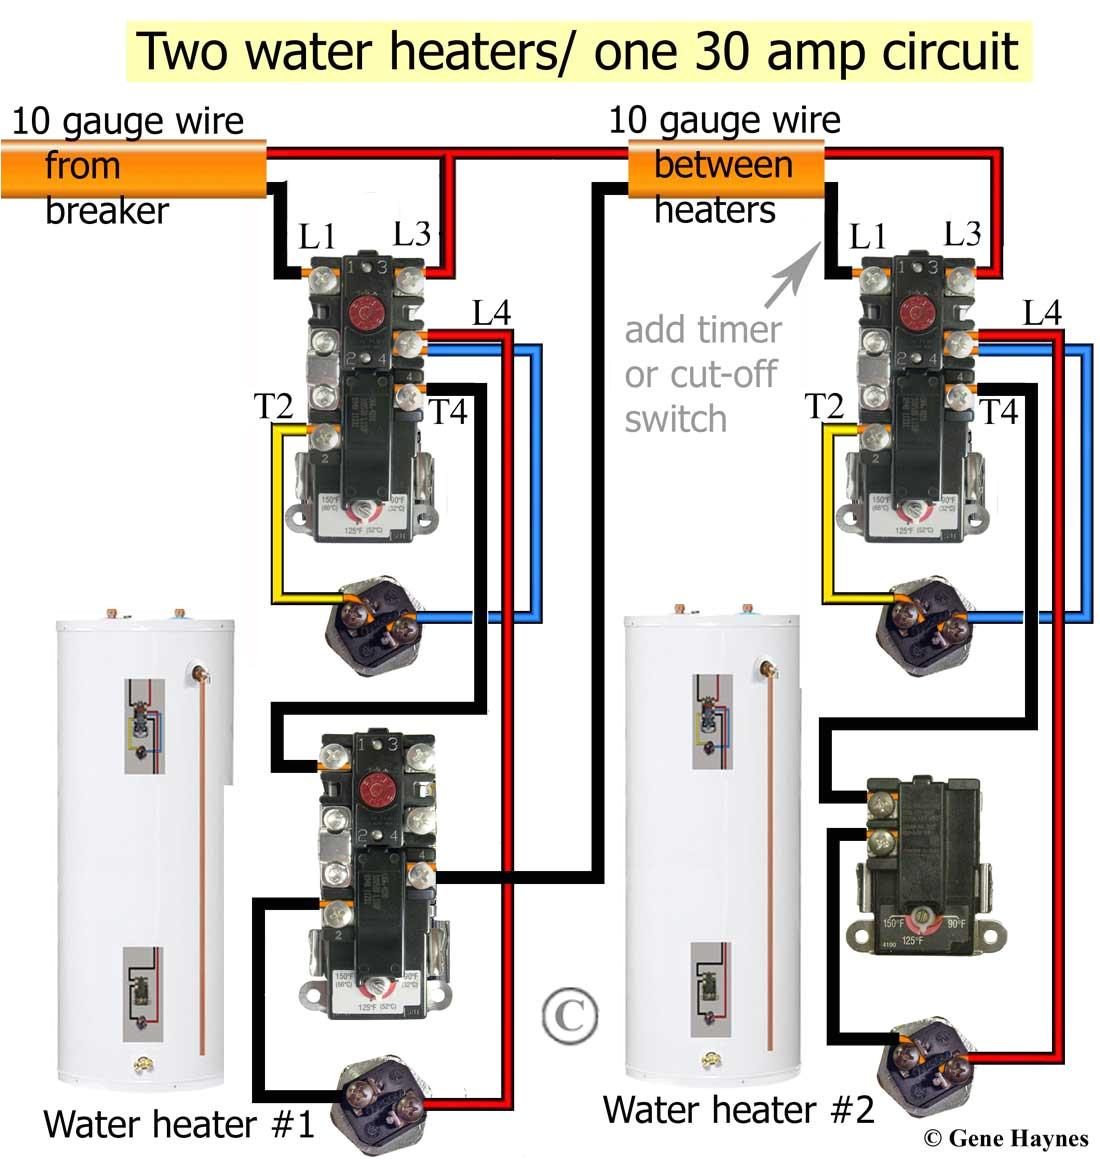 kenmore electric water heater wiring diagram all wiring diagramhow to wire water heater thermostats heat pump